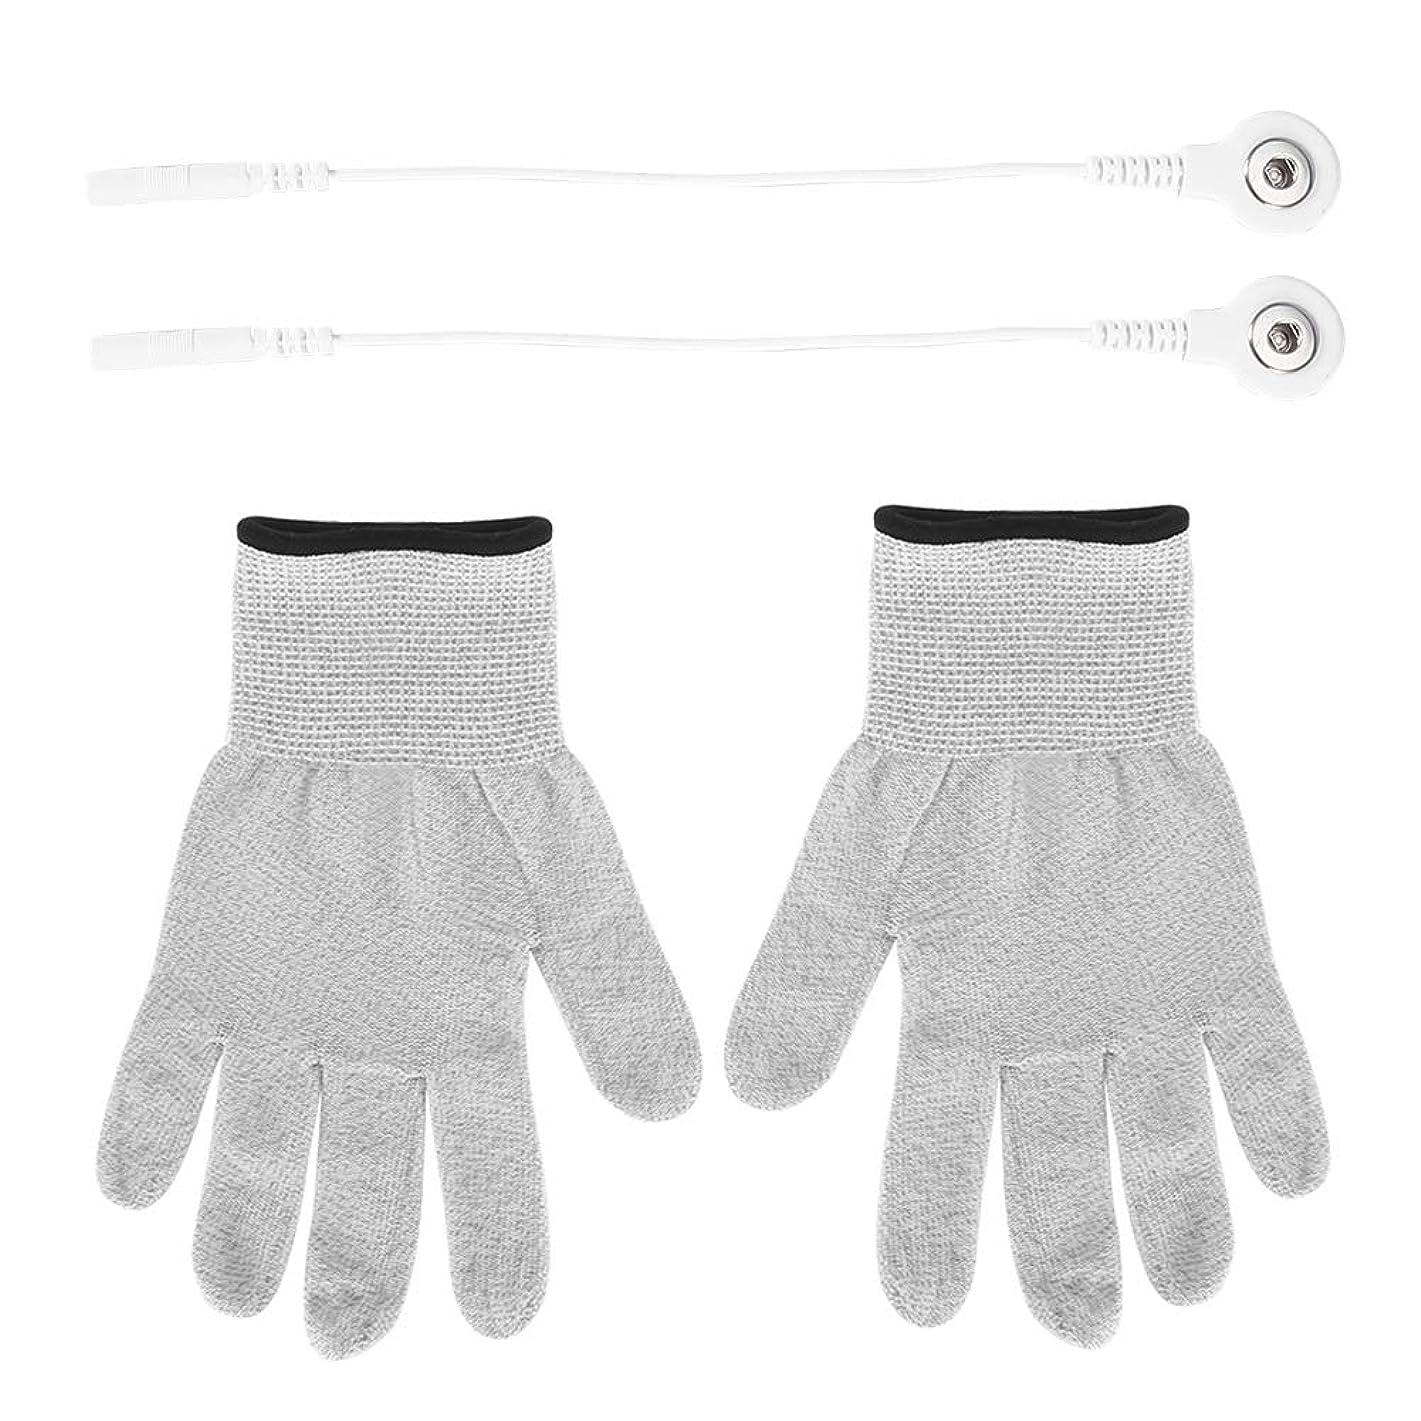 うるさい無関心ありがたい電極手袋、1対の導電性繊維電極手袋、アダプター電極付き電気ショックファイバー用リード線